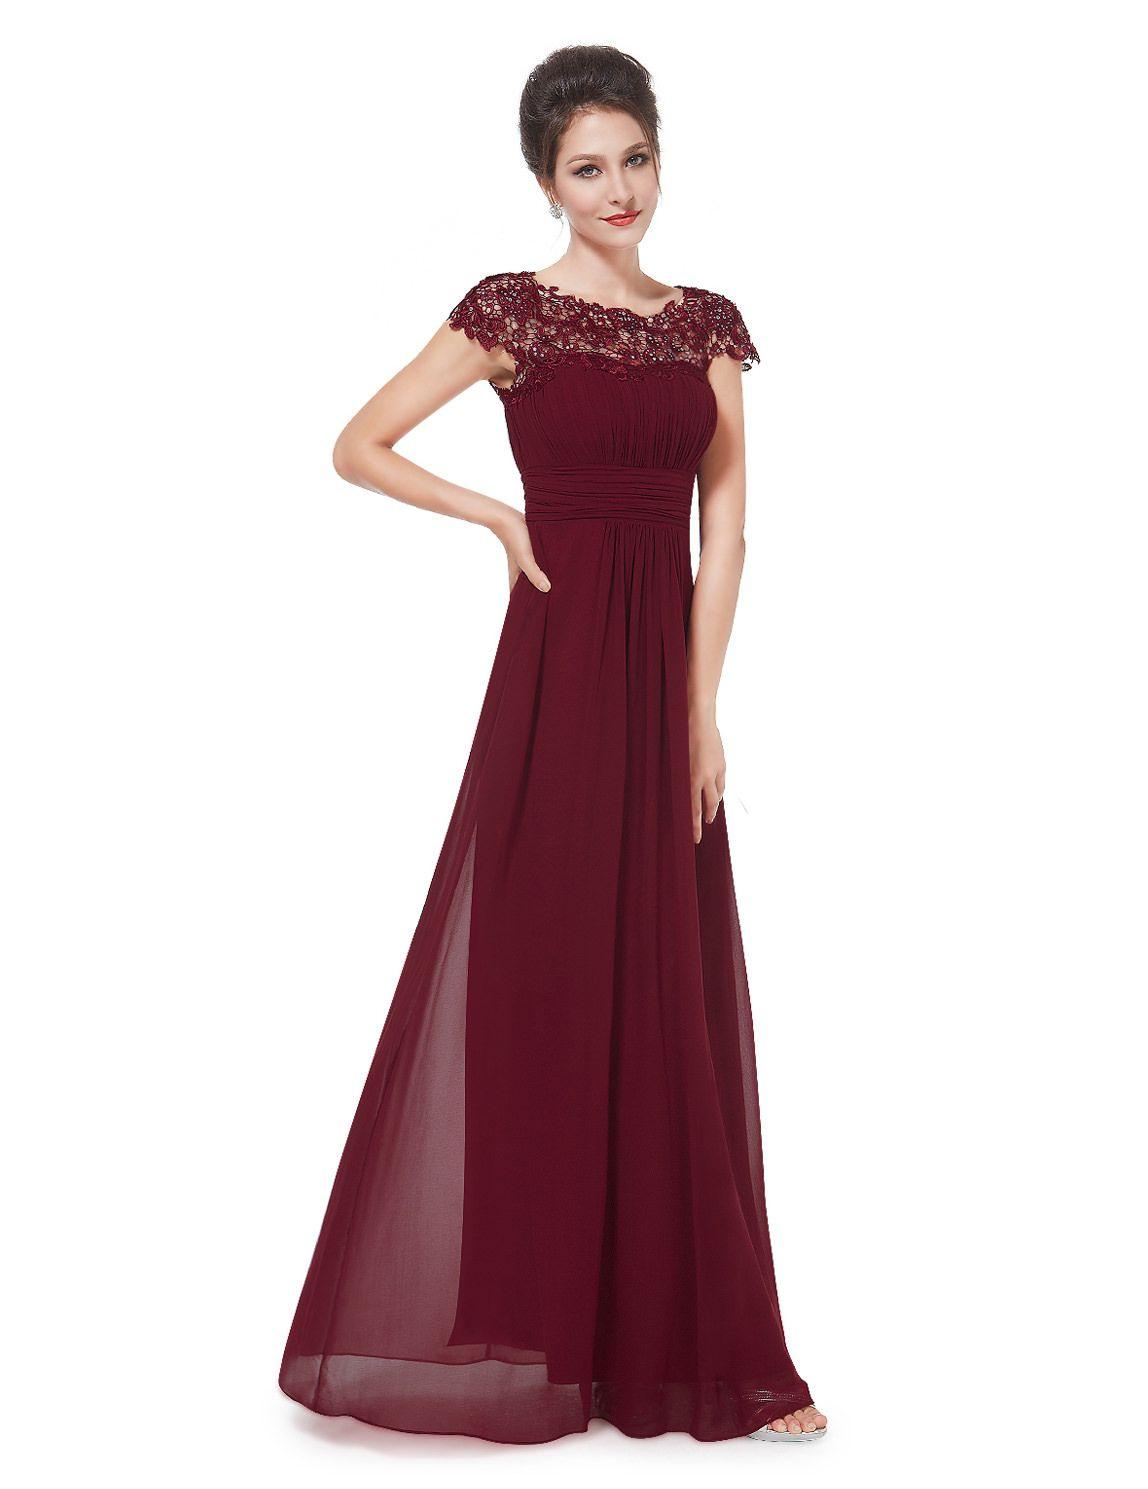 17 Schön Abend Kleid Lang Rot Design13 Einzigartig Abend Kleid Lang Rot Vertrieb